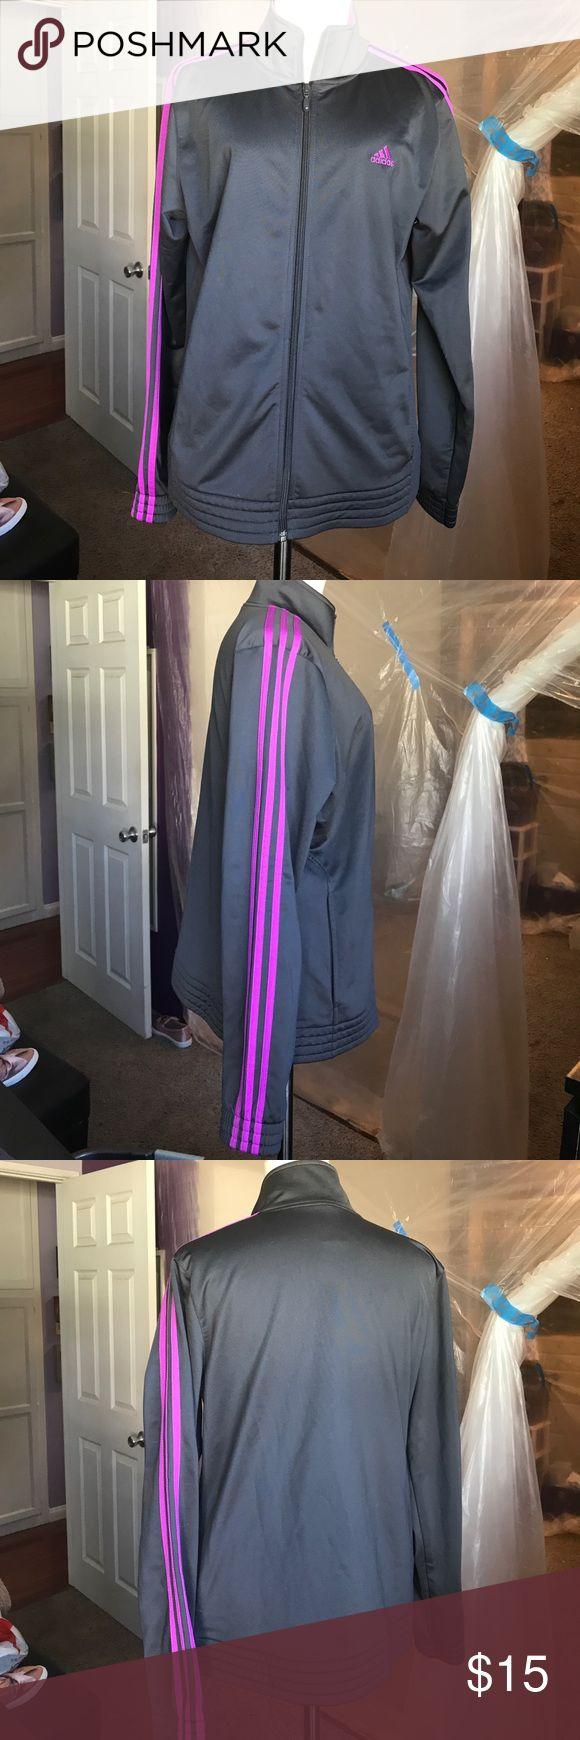 Adidas dark grey/ purple zip up jacket Adidas dark grey/ purple zip up jacket. Size L. adidas Jackets & Coats